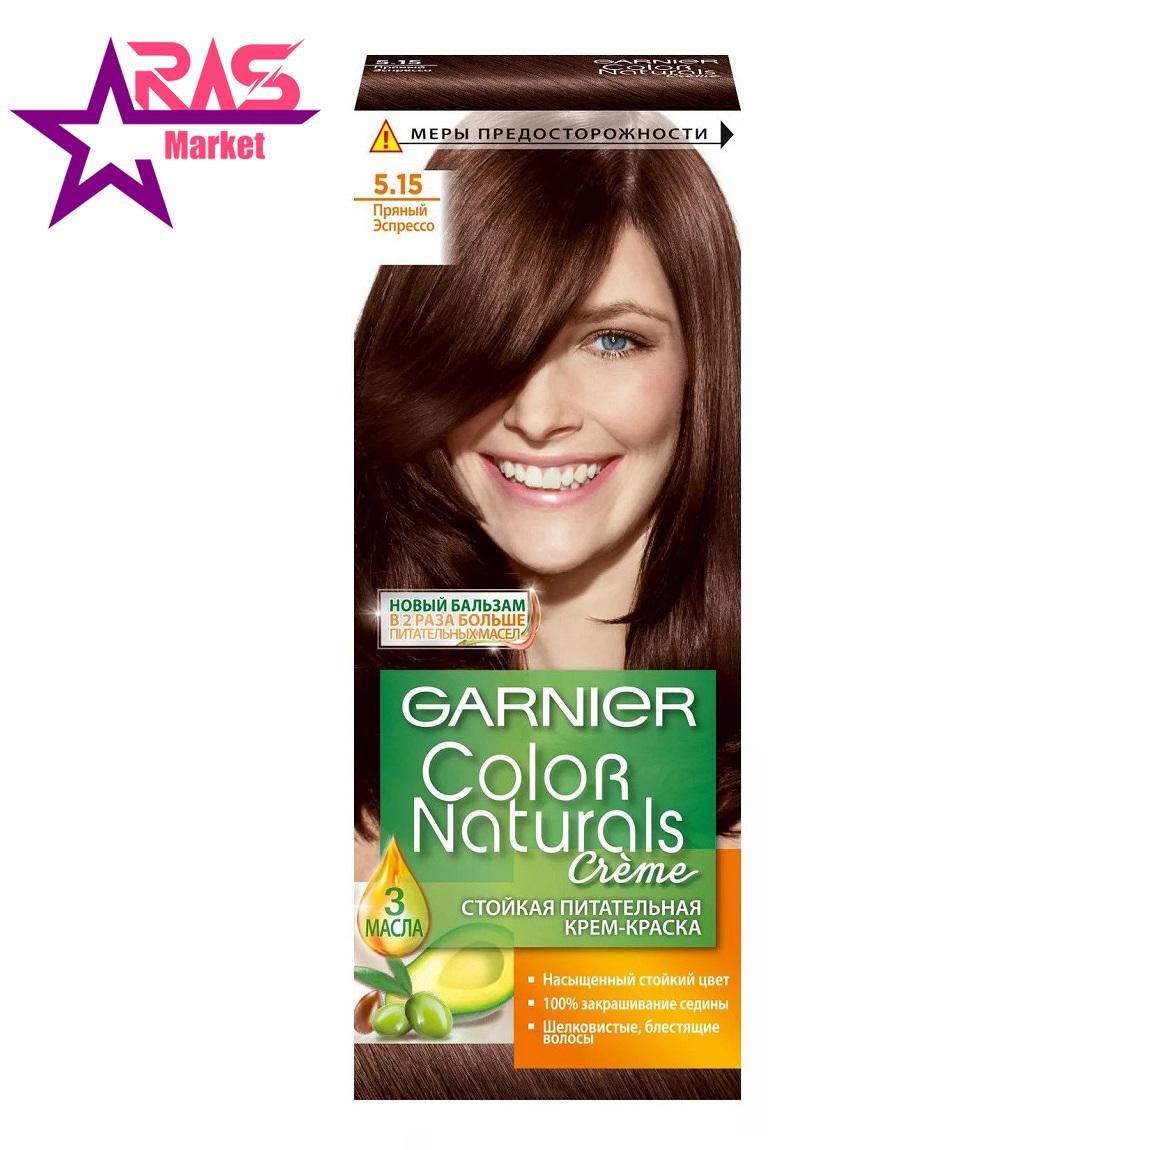 کیت رنگ مو گارنیر سری Color Naturals شماره 5.15 ، فروشگاه اینترنتی ارس مارکت ، بهداشت بانوان